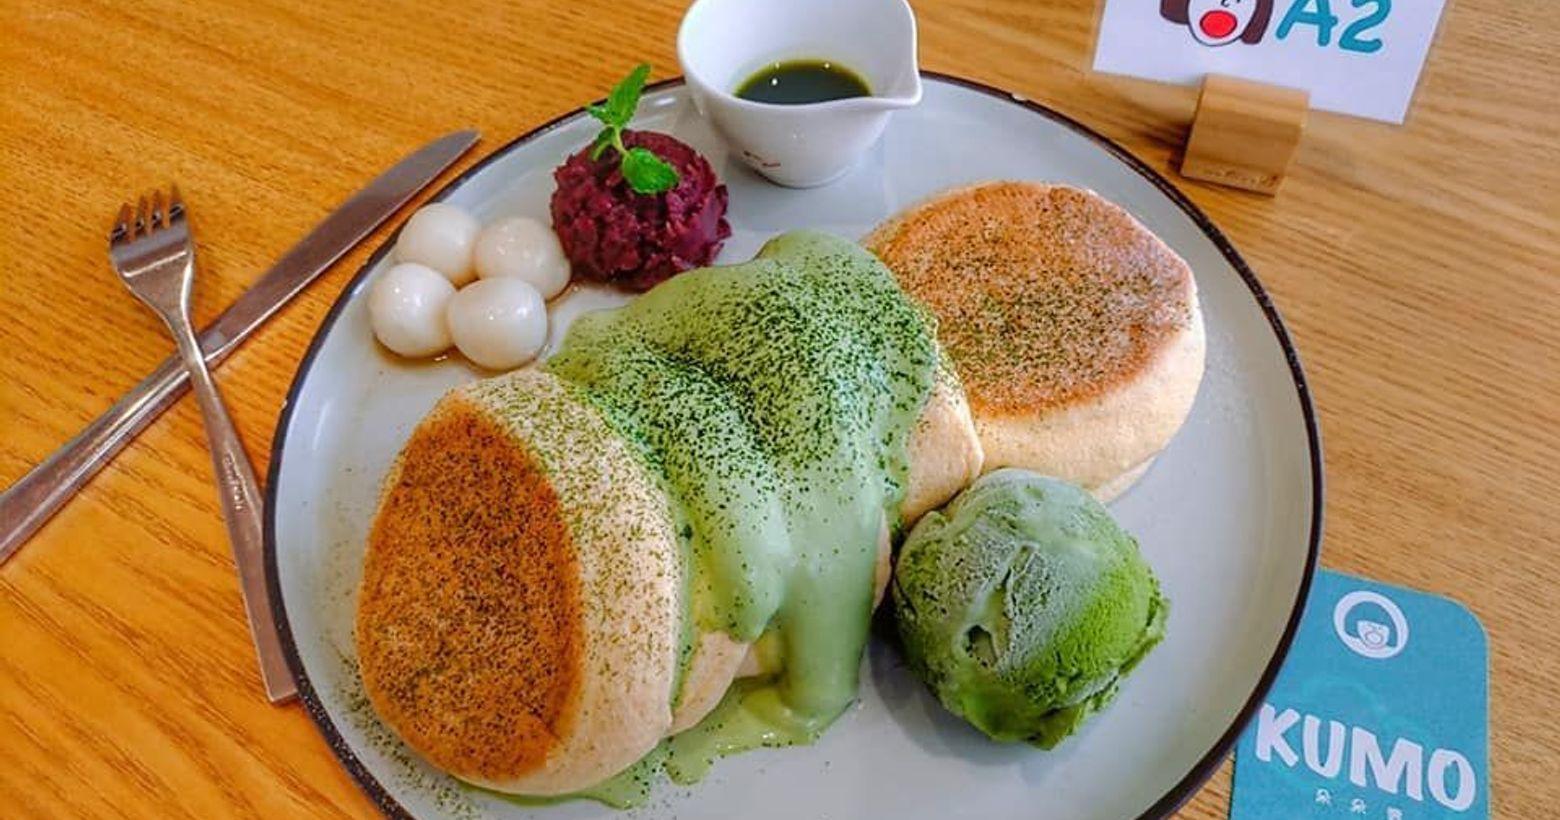 Kumo朵朵雲🌸台中美食介紹🌸想吃鬆餅就來這間KUMO朵朵雲日式厚鬆餅|職人咖啡翻開菜單有很多